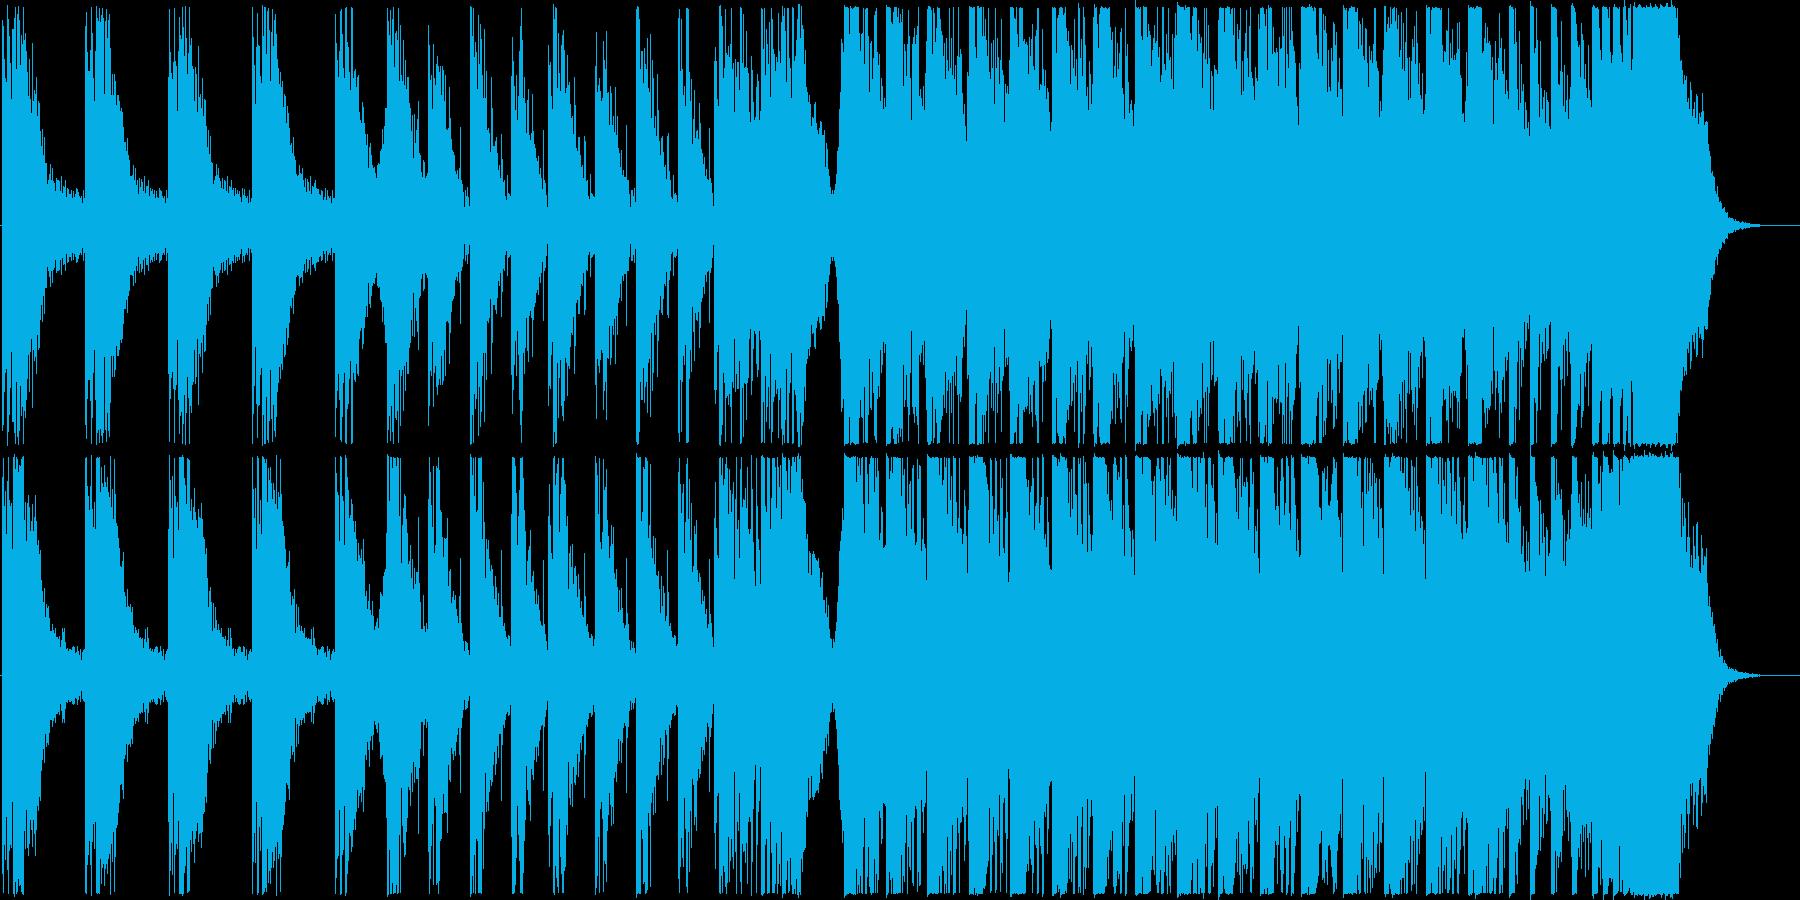 映画の予告編のような壮大で迫力のある楽曲の再生済みの波形